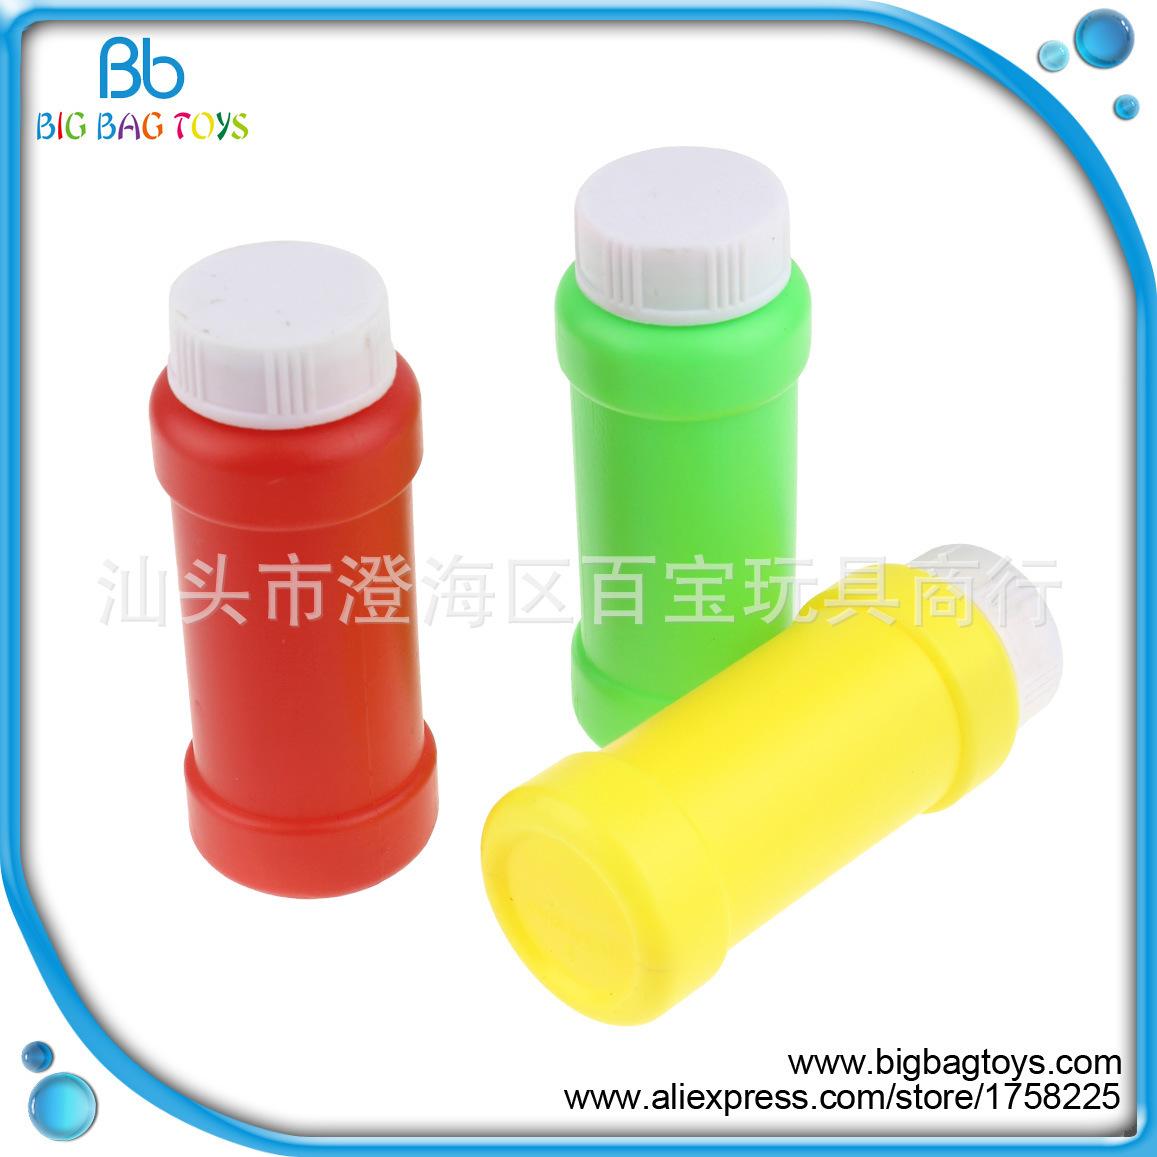 廠家直銷泡泡水瓶子 夏日沙灘吹泡泡玩具批發 BB135265